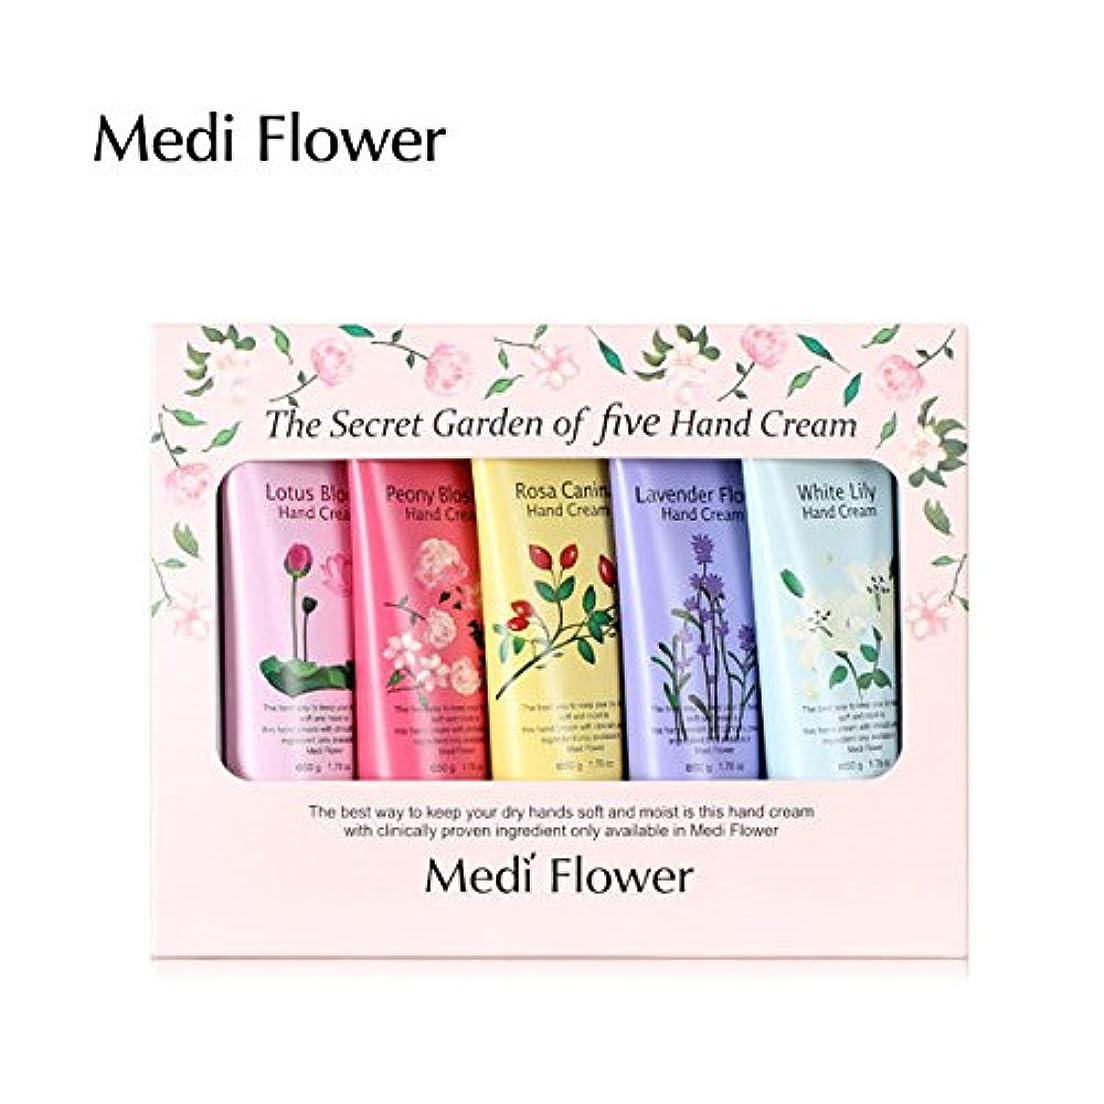 製油所手綱貧しい[MediFlower] ザ?シークレットガーデン?ハンドクリームセット(50g x 5個) / The Secret Garden of Five Hand Cream Set